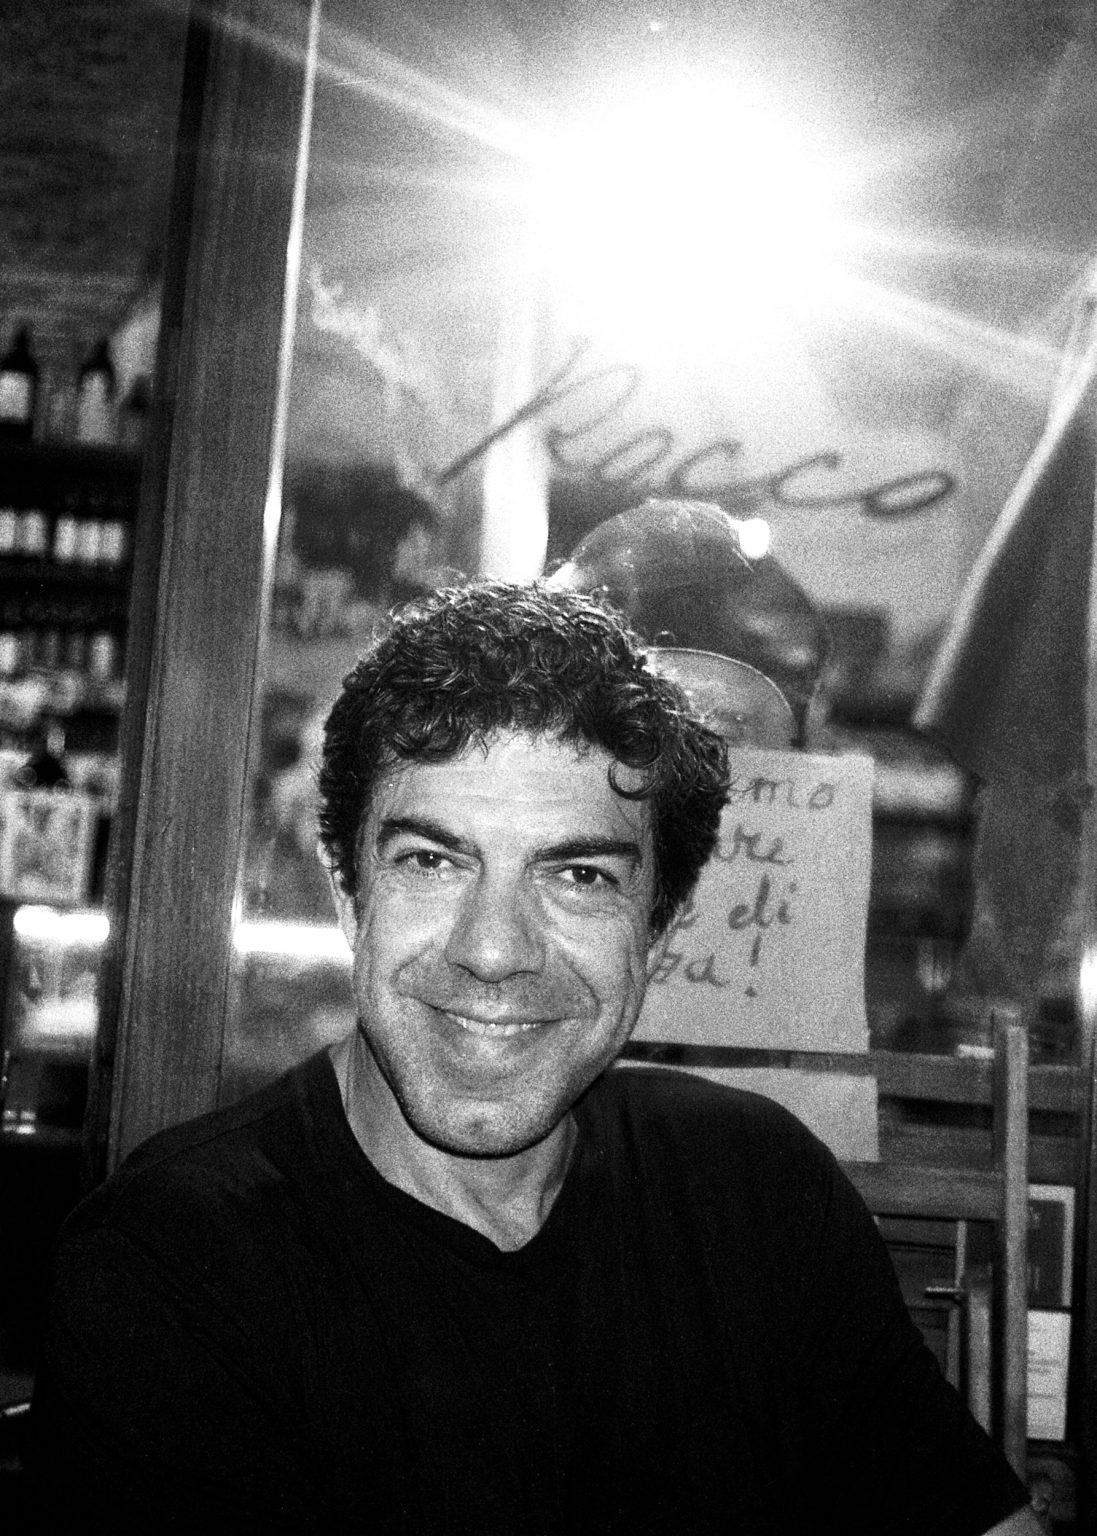 """Rome, 2020- """"Rome Diary"""" ( Rome 2007-2020)  is a long-term research that documents the city of Rome through stories of places and people. An investigation into different worlds, in a society where relationships, loneliness, abuse, love, nightlife, music and artists are explored, and finally the relationship between people and the city. The italina actor Pierfrancesco Favino in a restaurant. .>< Rome, 2020 -Rome Diary Rome (2007-2020) è una ricerca a lungo termine che documenta la città di Roma attraverso storie di luoghi e  di persone. Un'indagine in mondi diversi, in una società in cui si esplorano le relazioni, la solitudine, gli abusi, l'amore, la vita notturna , la musica e gli artisti, ed infine il rapporto tra persone e città. L'attore Pierfrancesco Favino in un ristorante."""